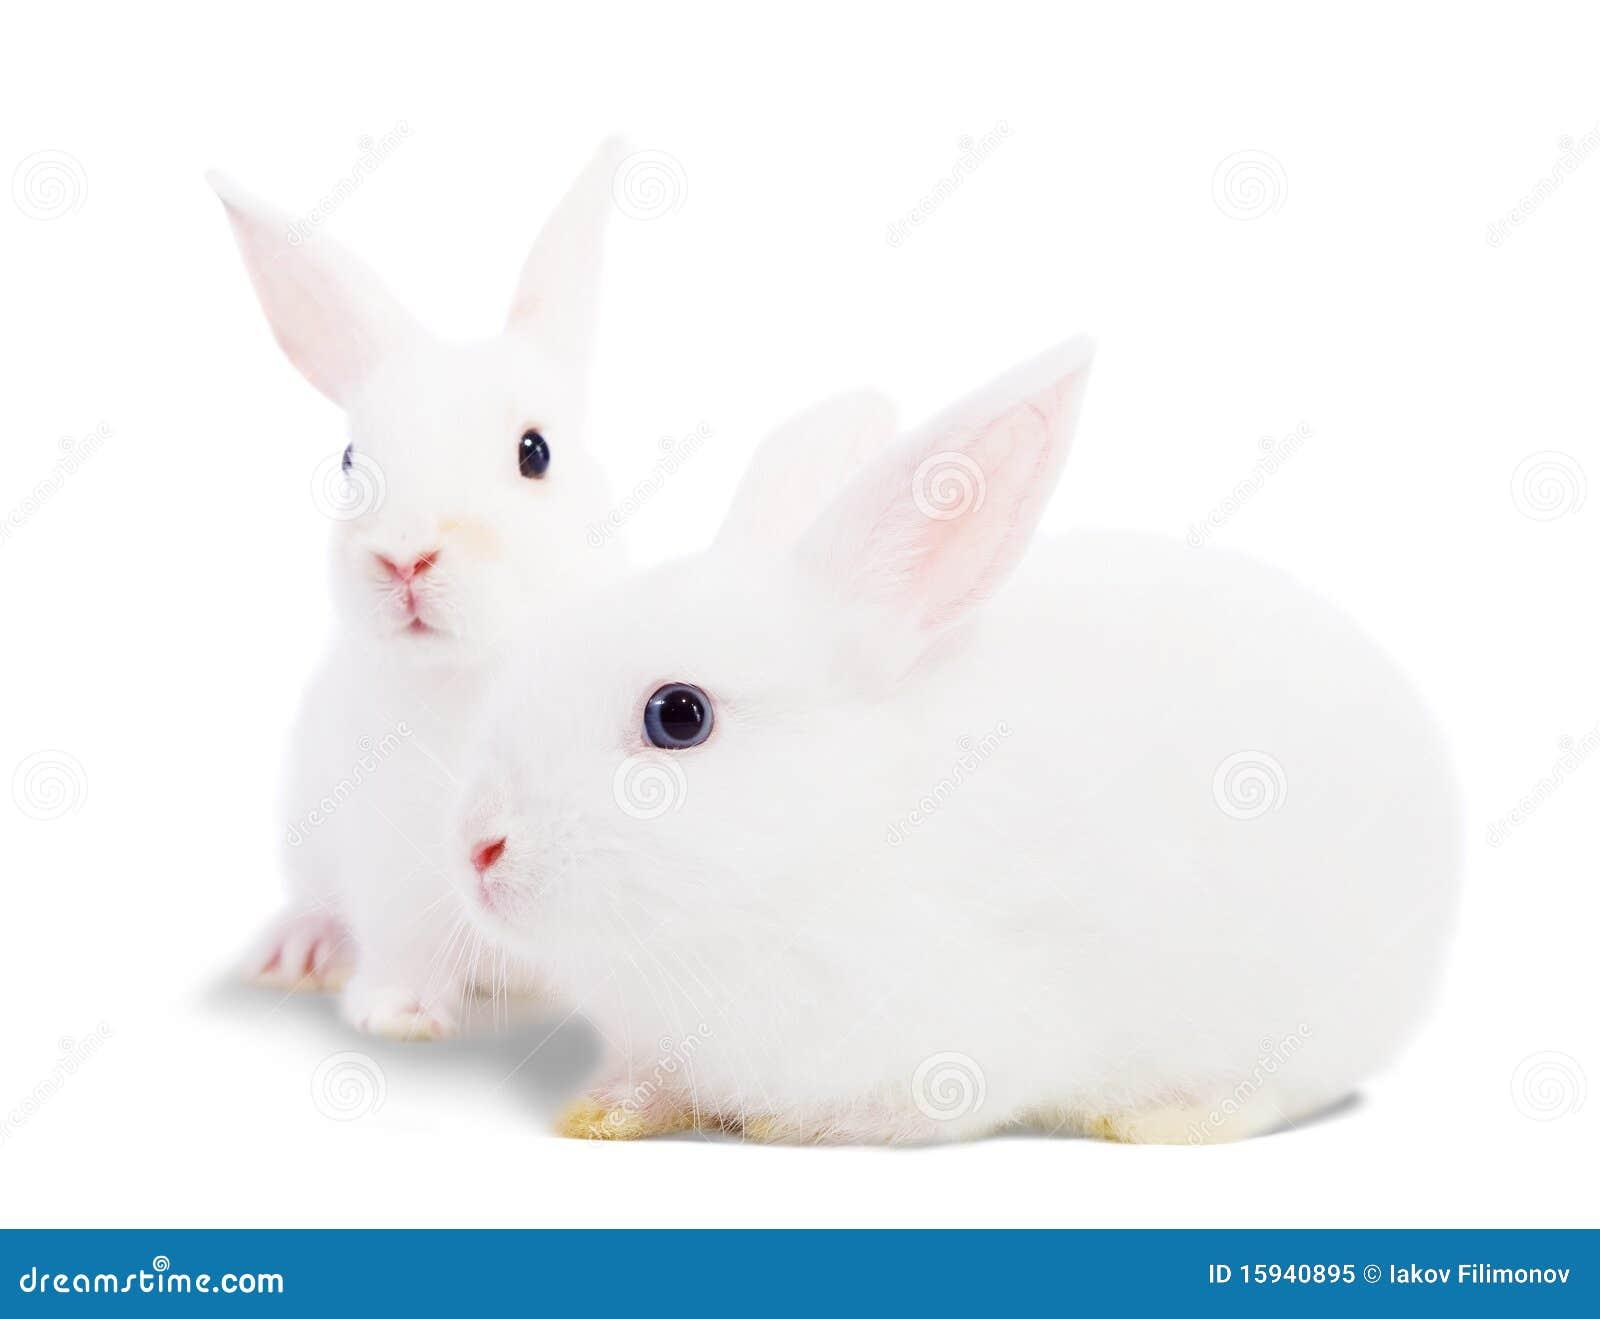 Zwei weiße Kaninchen